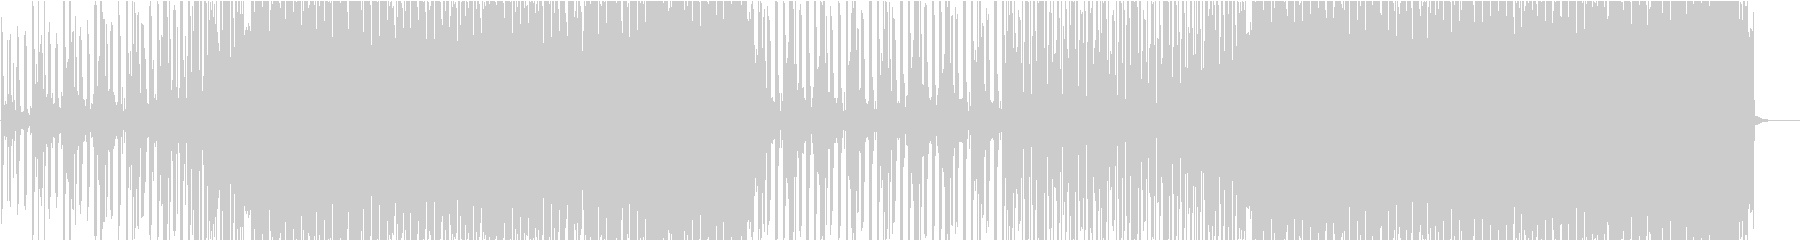 疾走感のあるエレクトロハウスの未再生の波形